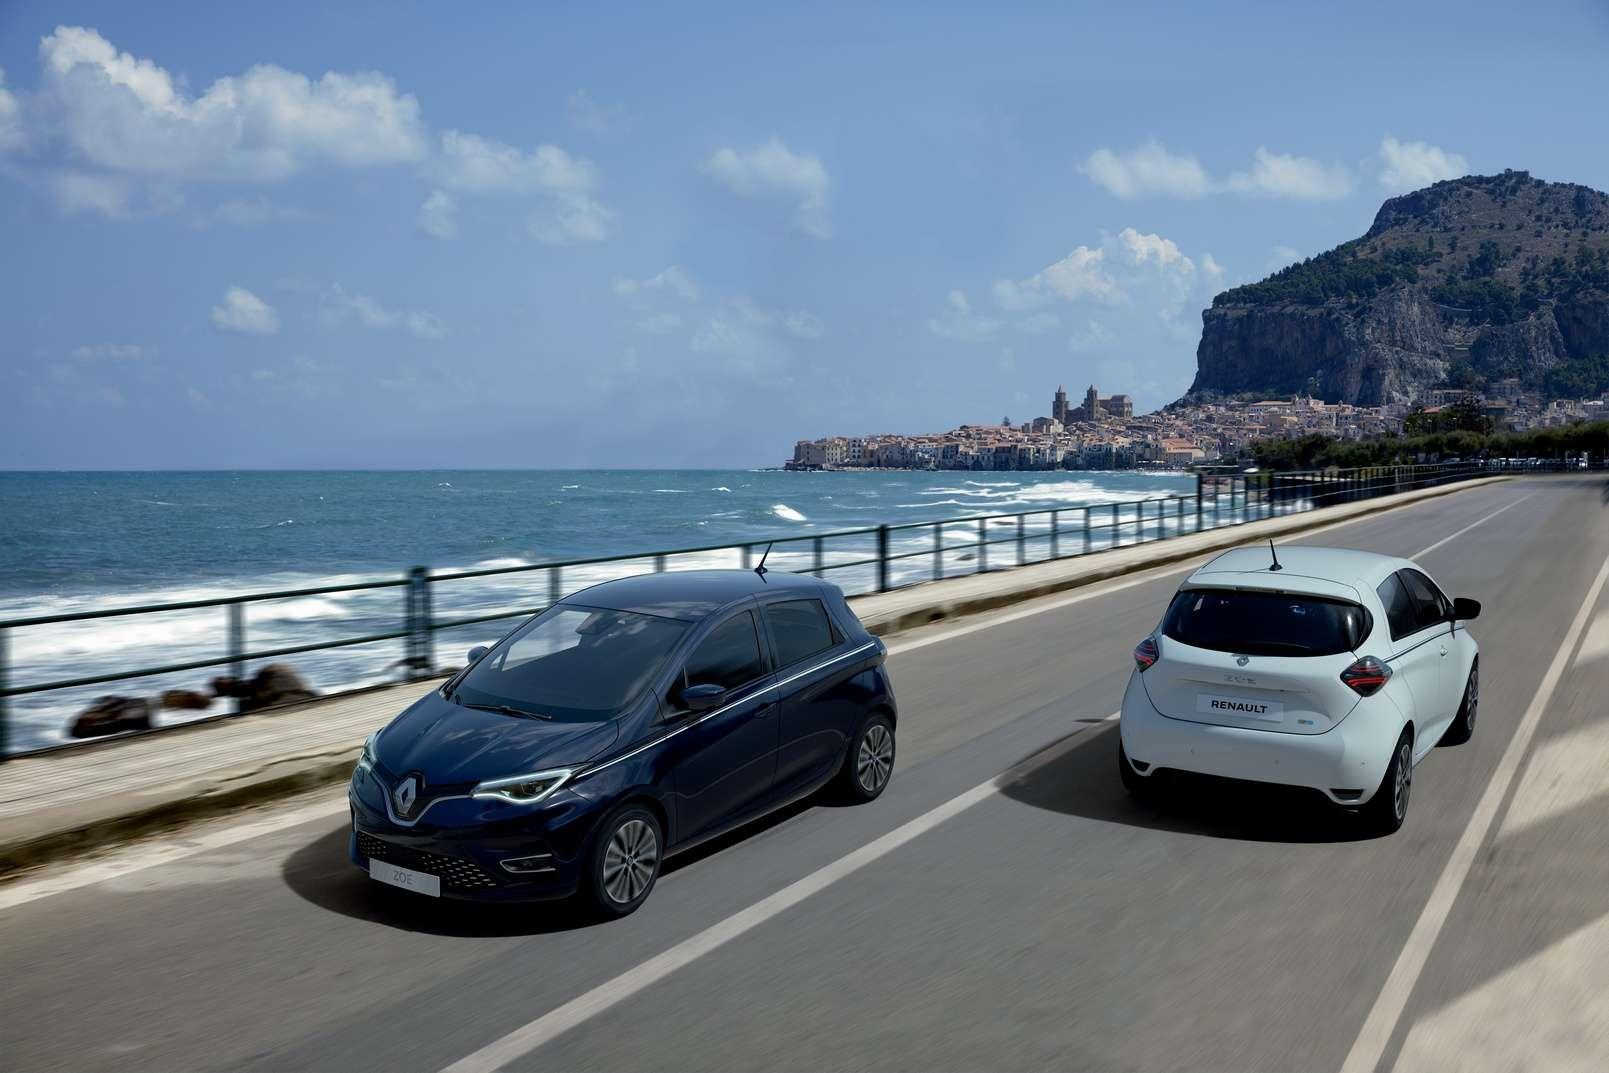 La Renault Zoe est régulièrement en tête des ventes de voitures électriques en France et les modèles d'occasion sont prisés. © Renault